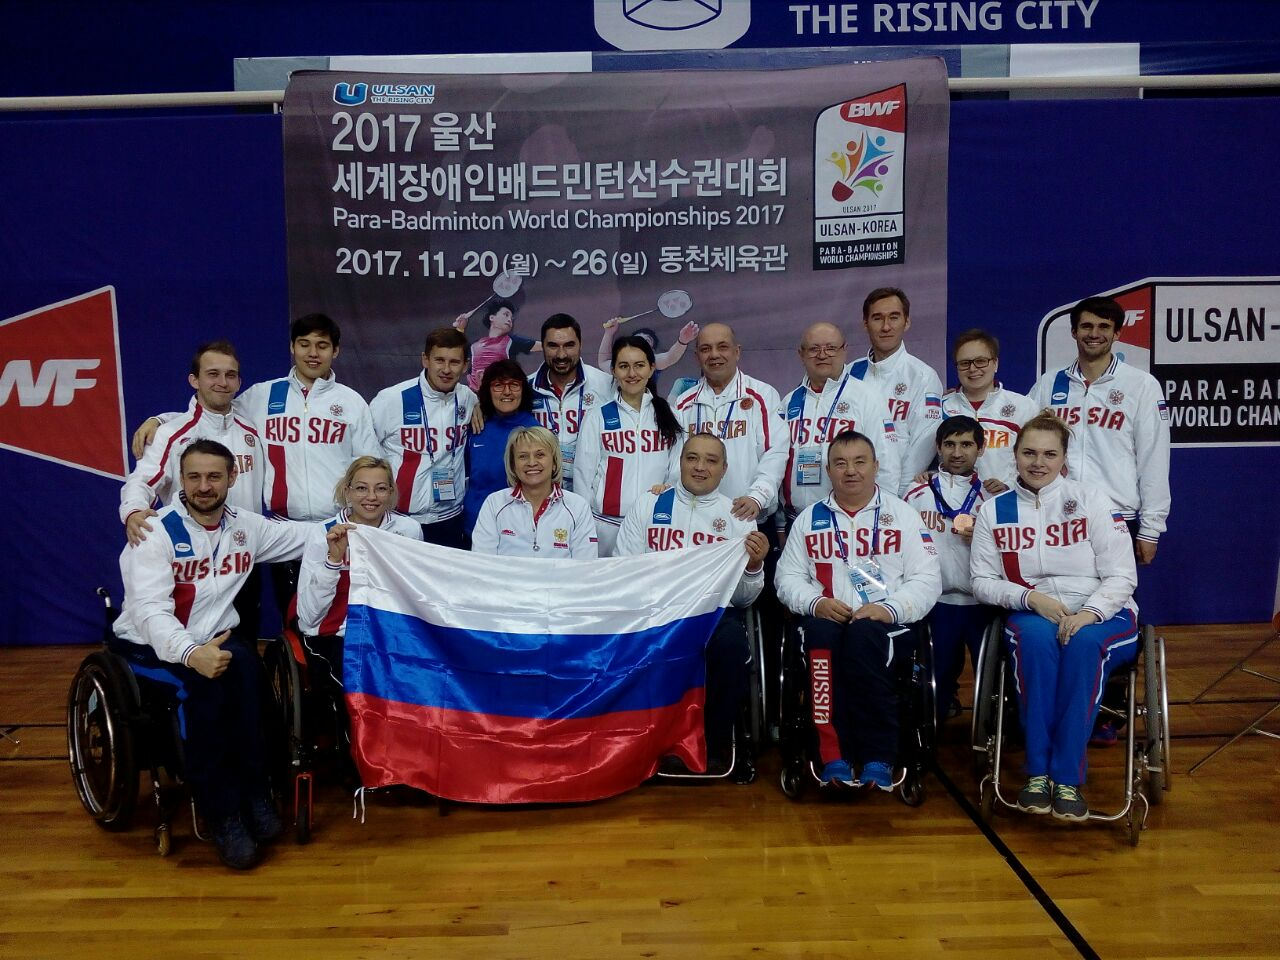 Российский спортсмен Александр Мехдиев завоевал бронзовую медаль на чемпионате мира по парабадминтону в Южной Корее